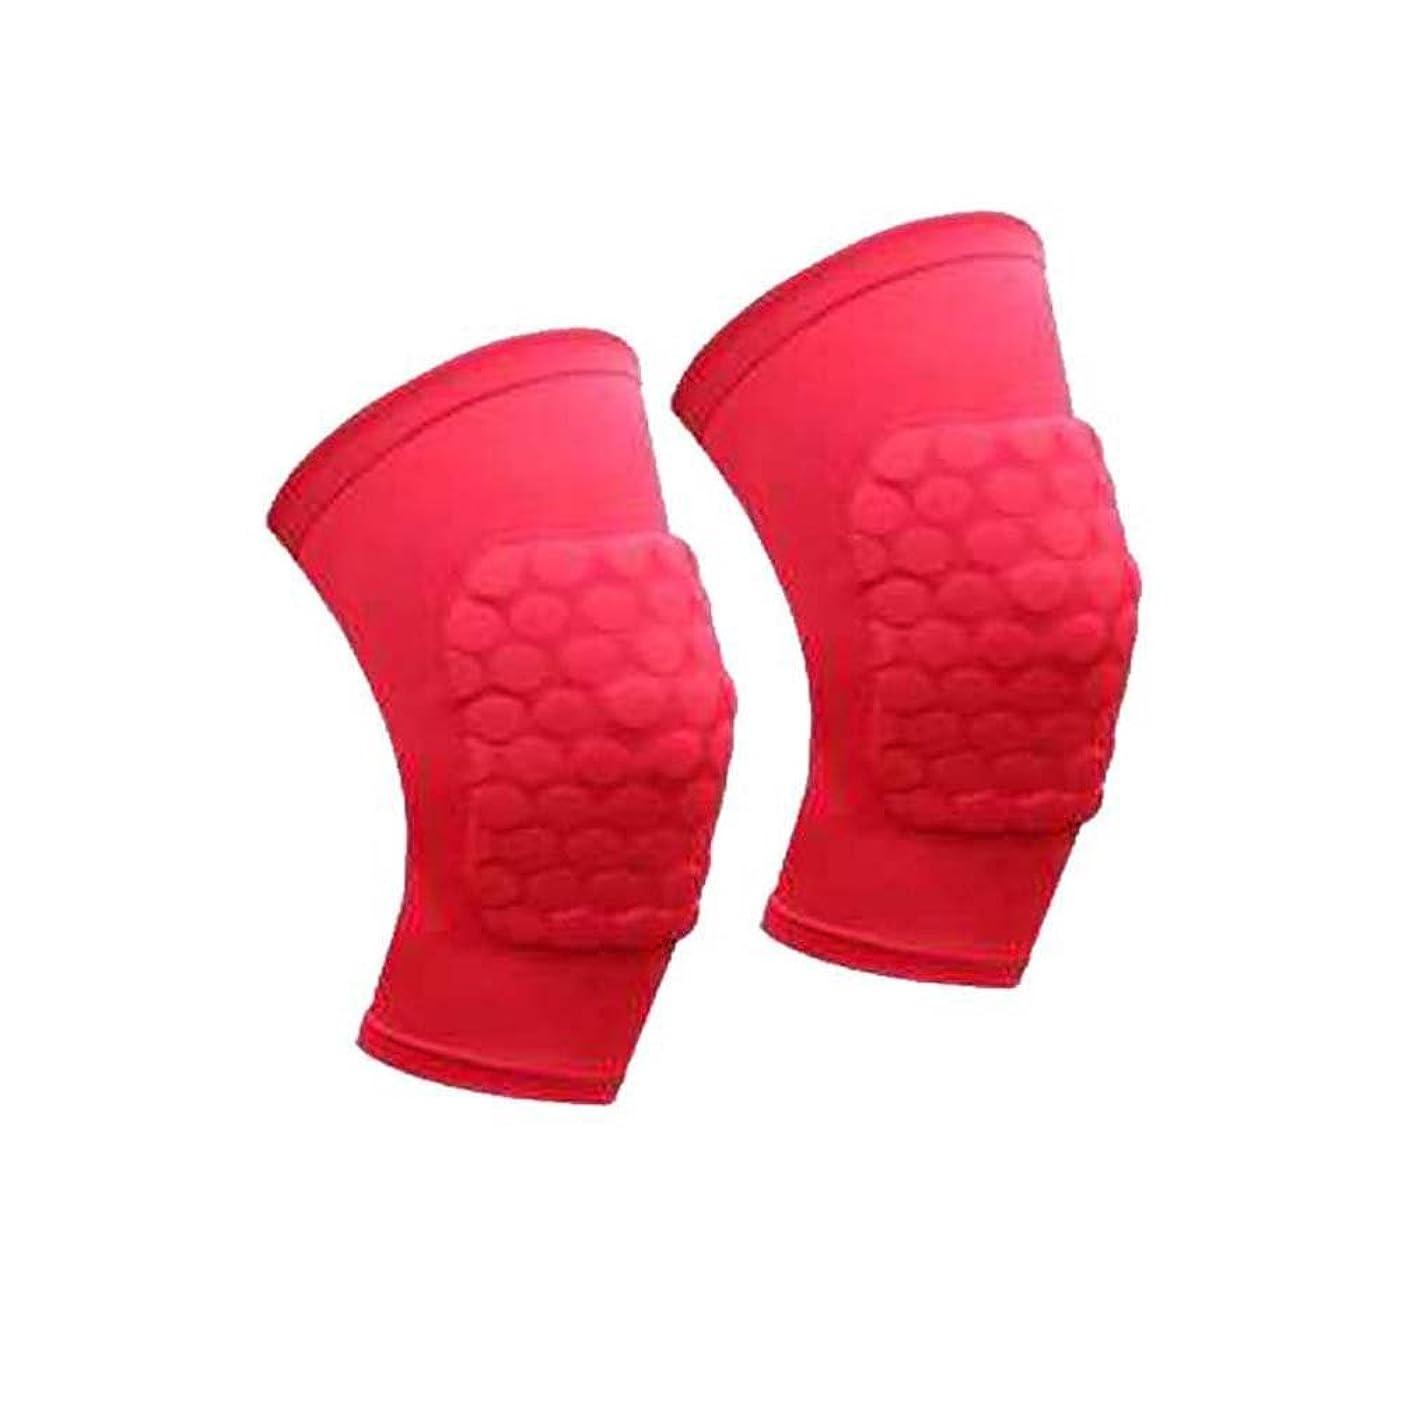 説得クラックスペシャリスト膝パッドは、痛みの保護パッドを解放する膝のブレースプロテクター(赤)